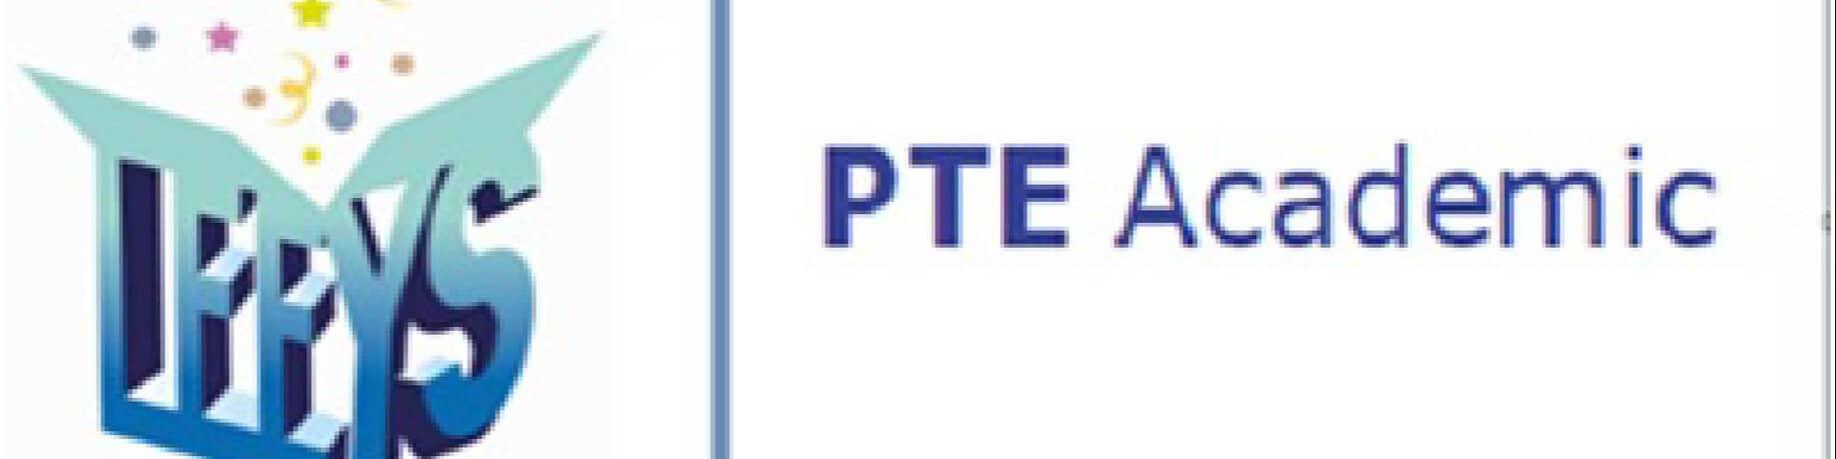 PTE: 取代惱人的紙本雅思英文考試